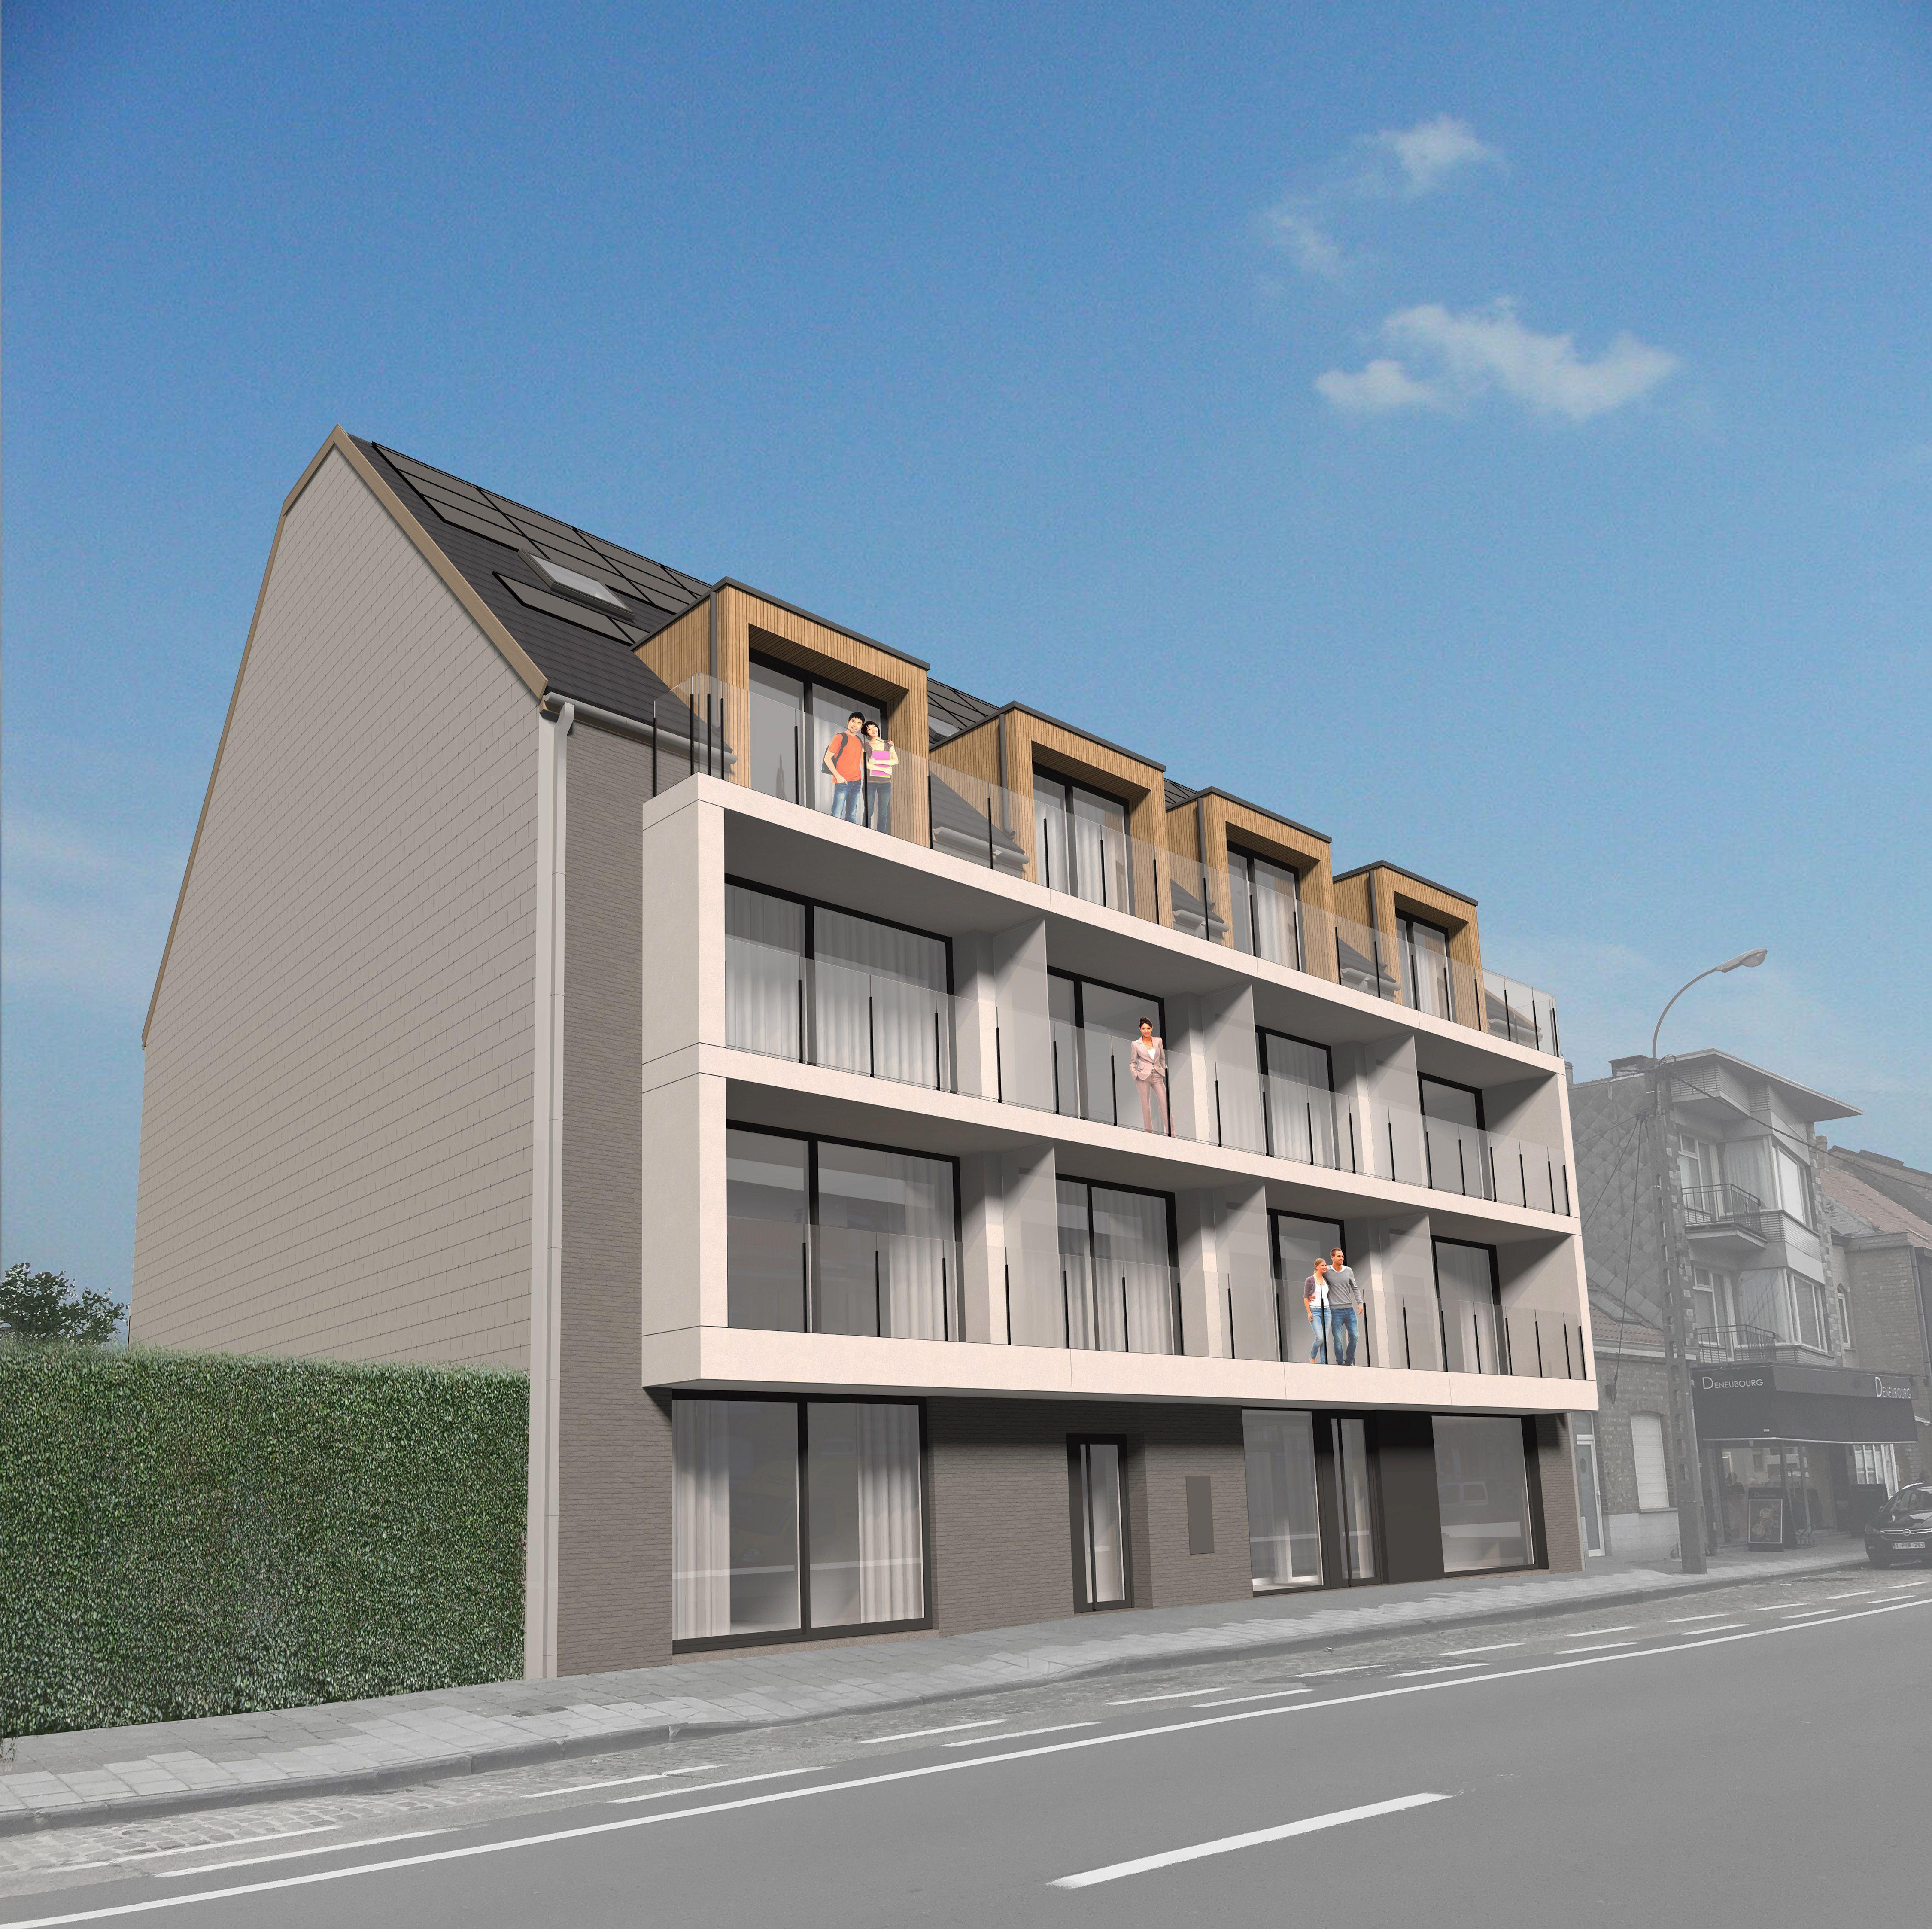 Nieuwbouw duplex-appartement met 2 slaapkamers en berging te huur